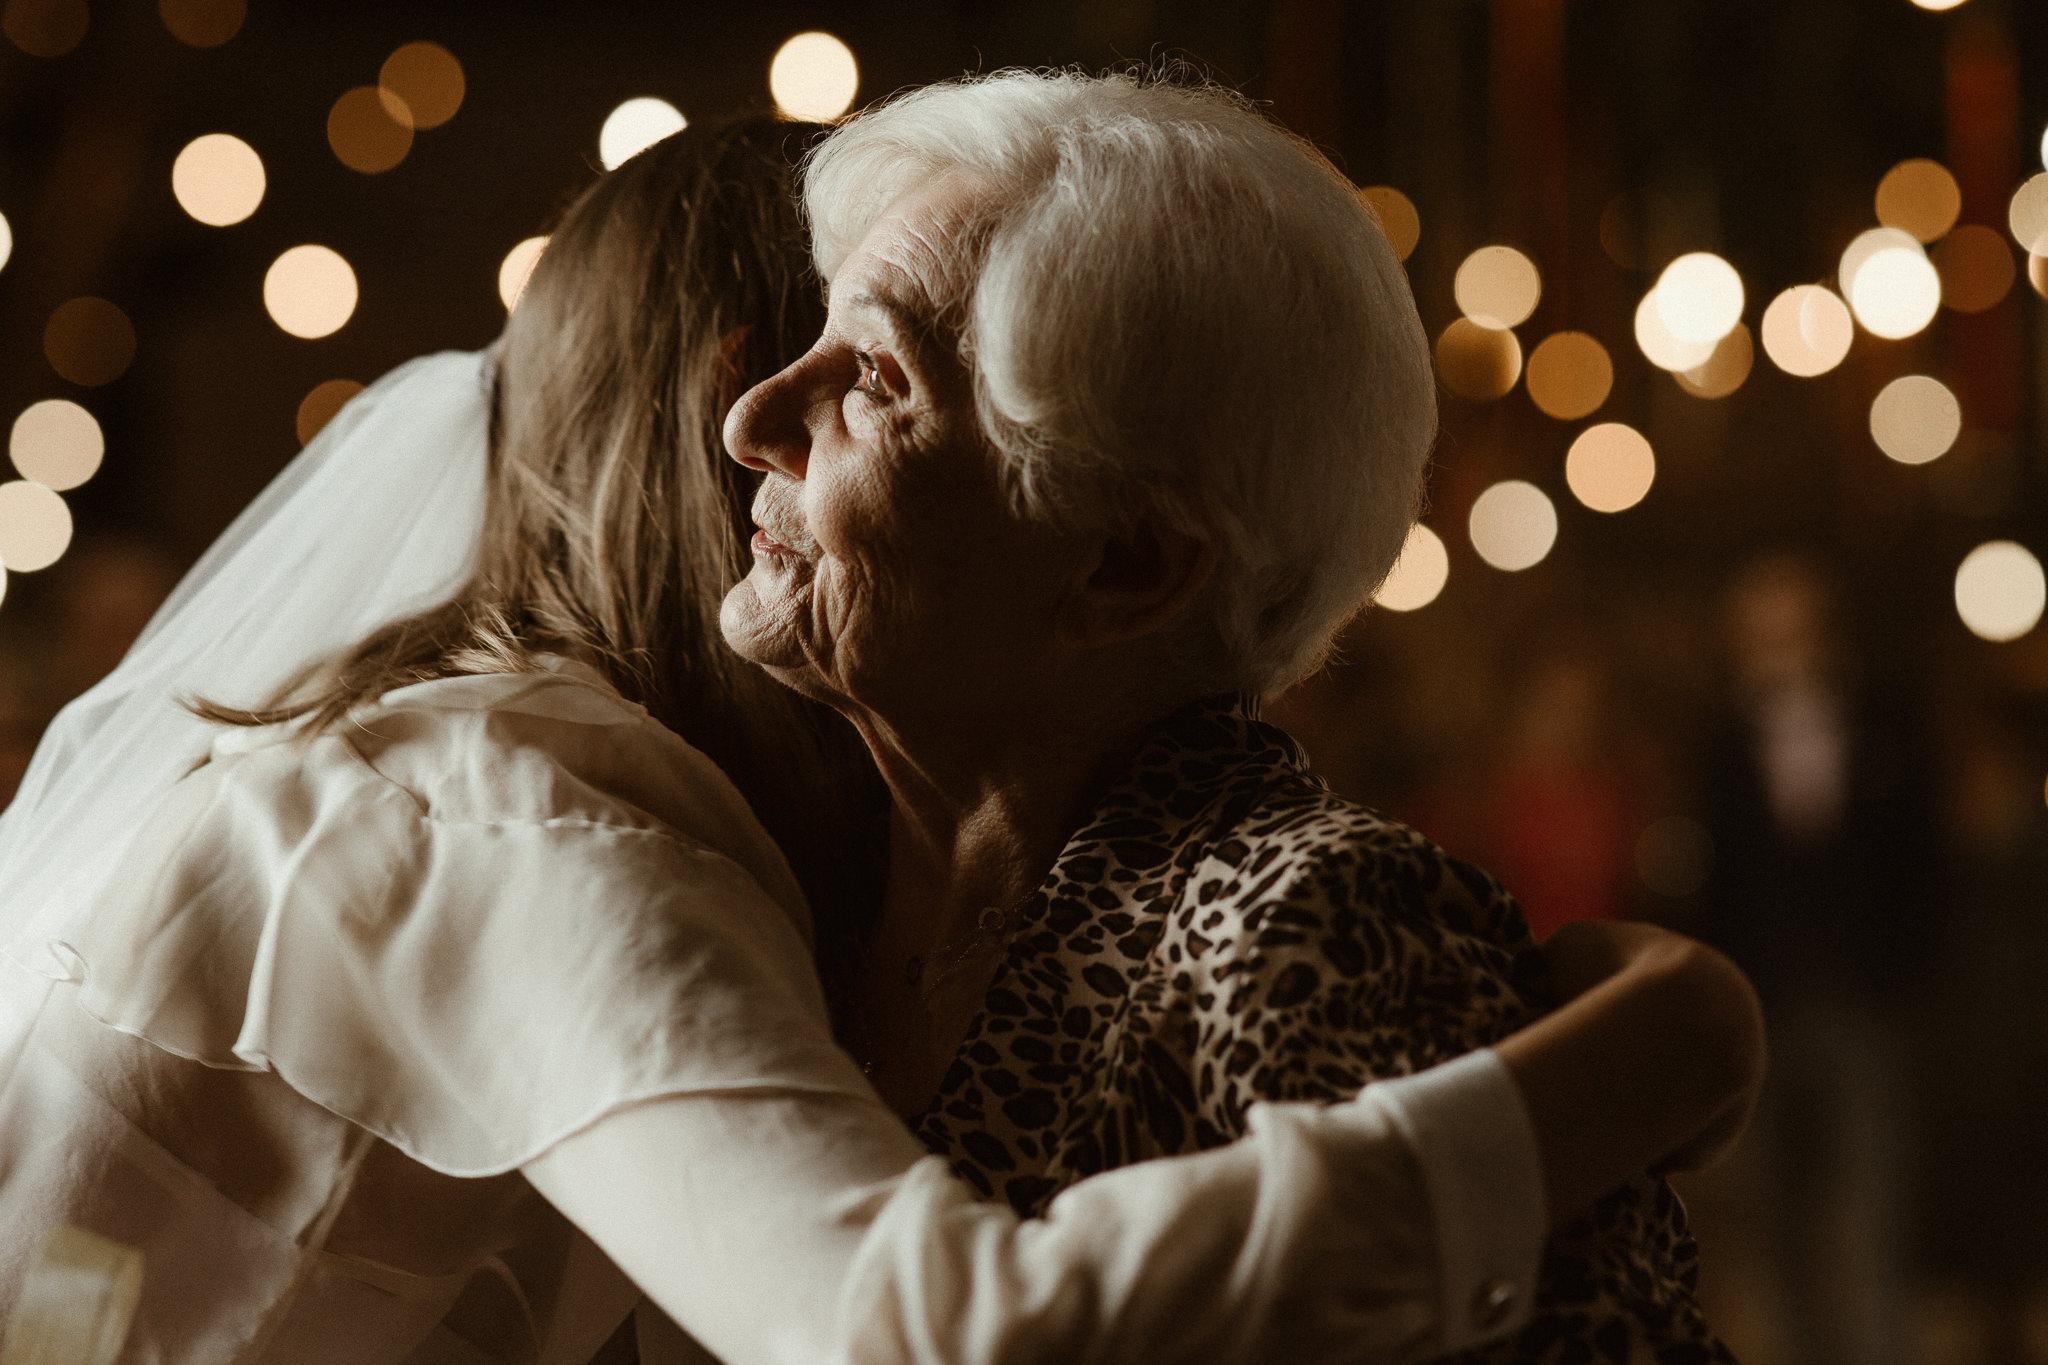 babcia składa życzenia wnuczce